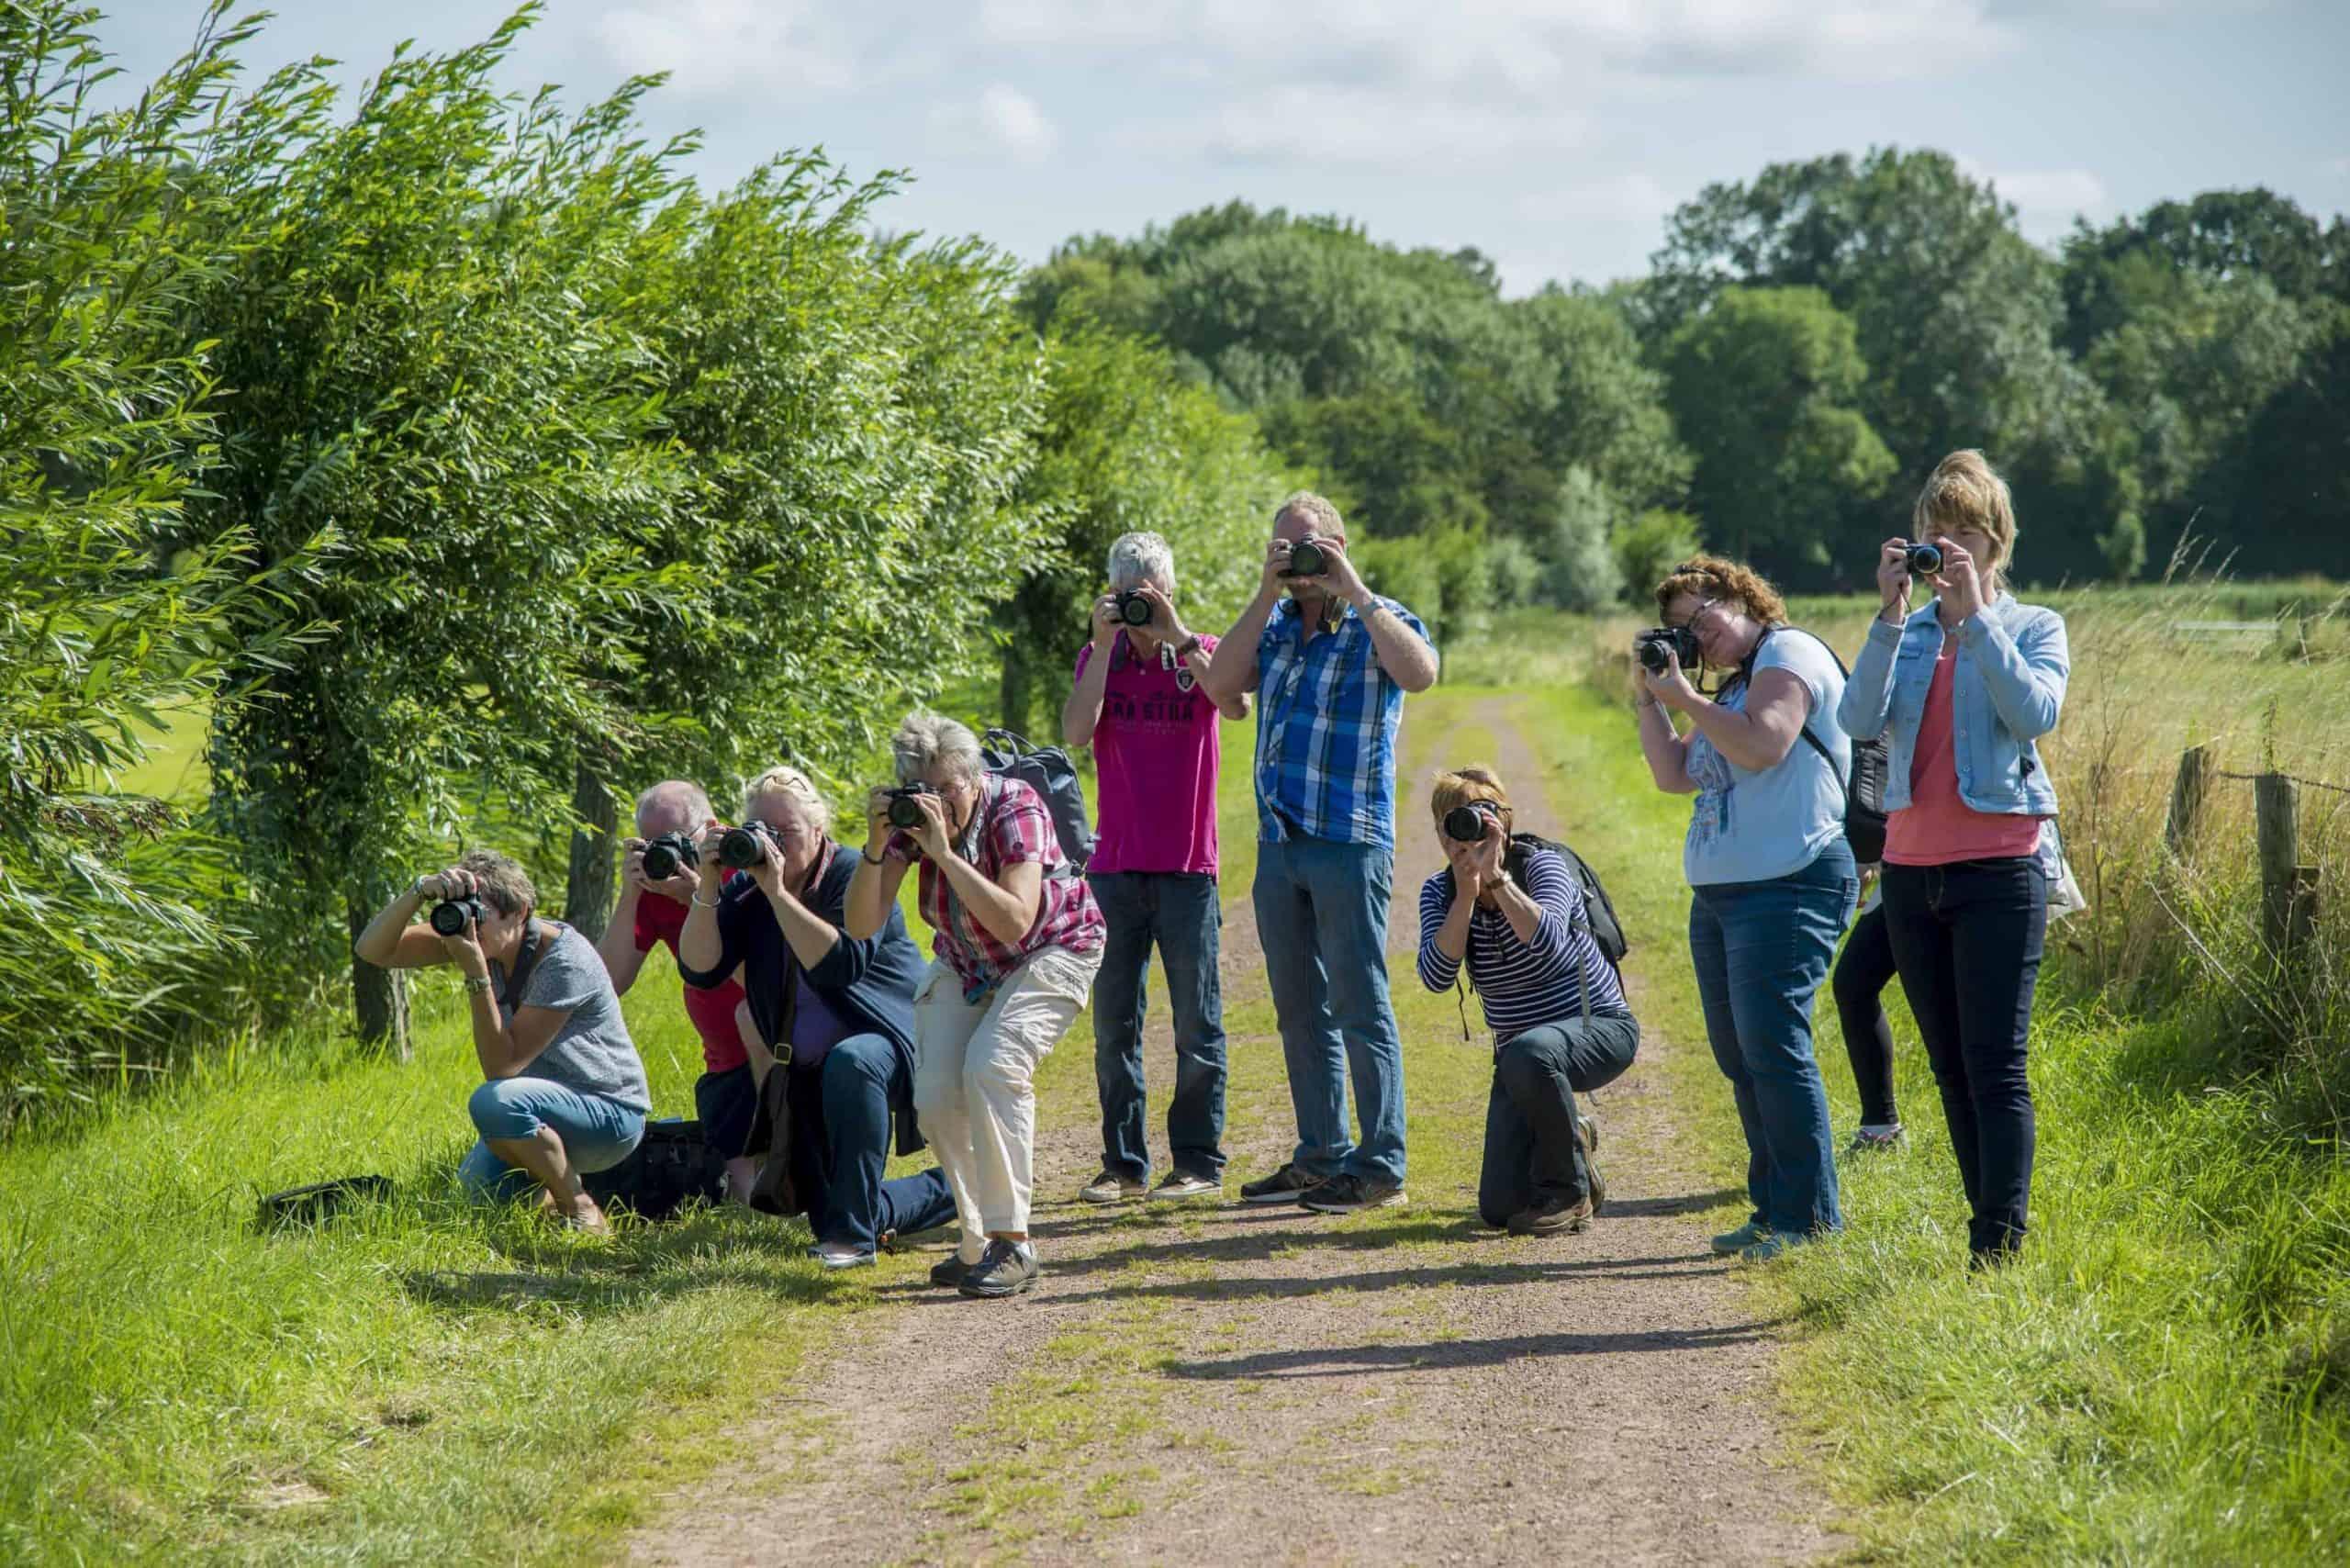 Hobbyfotografen tijdens Basiscursus Fotografie in actie - basiscursus fotografie